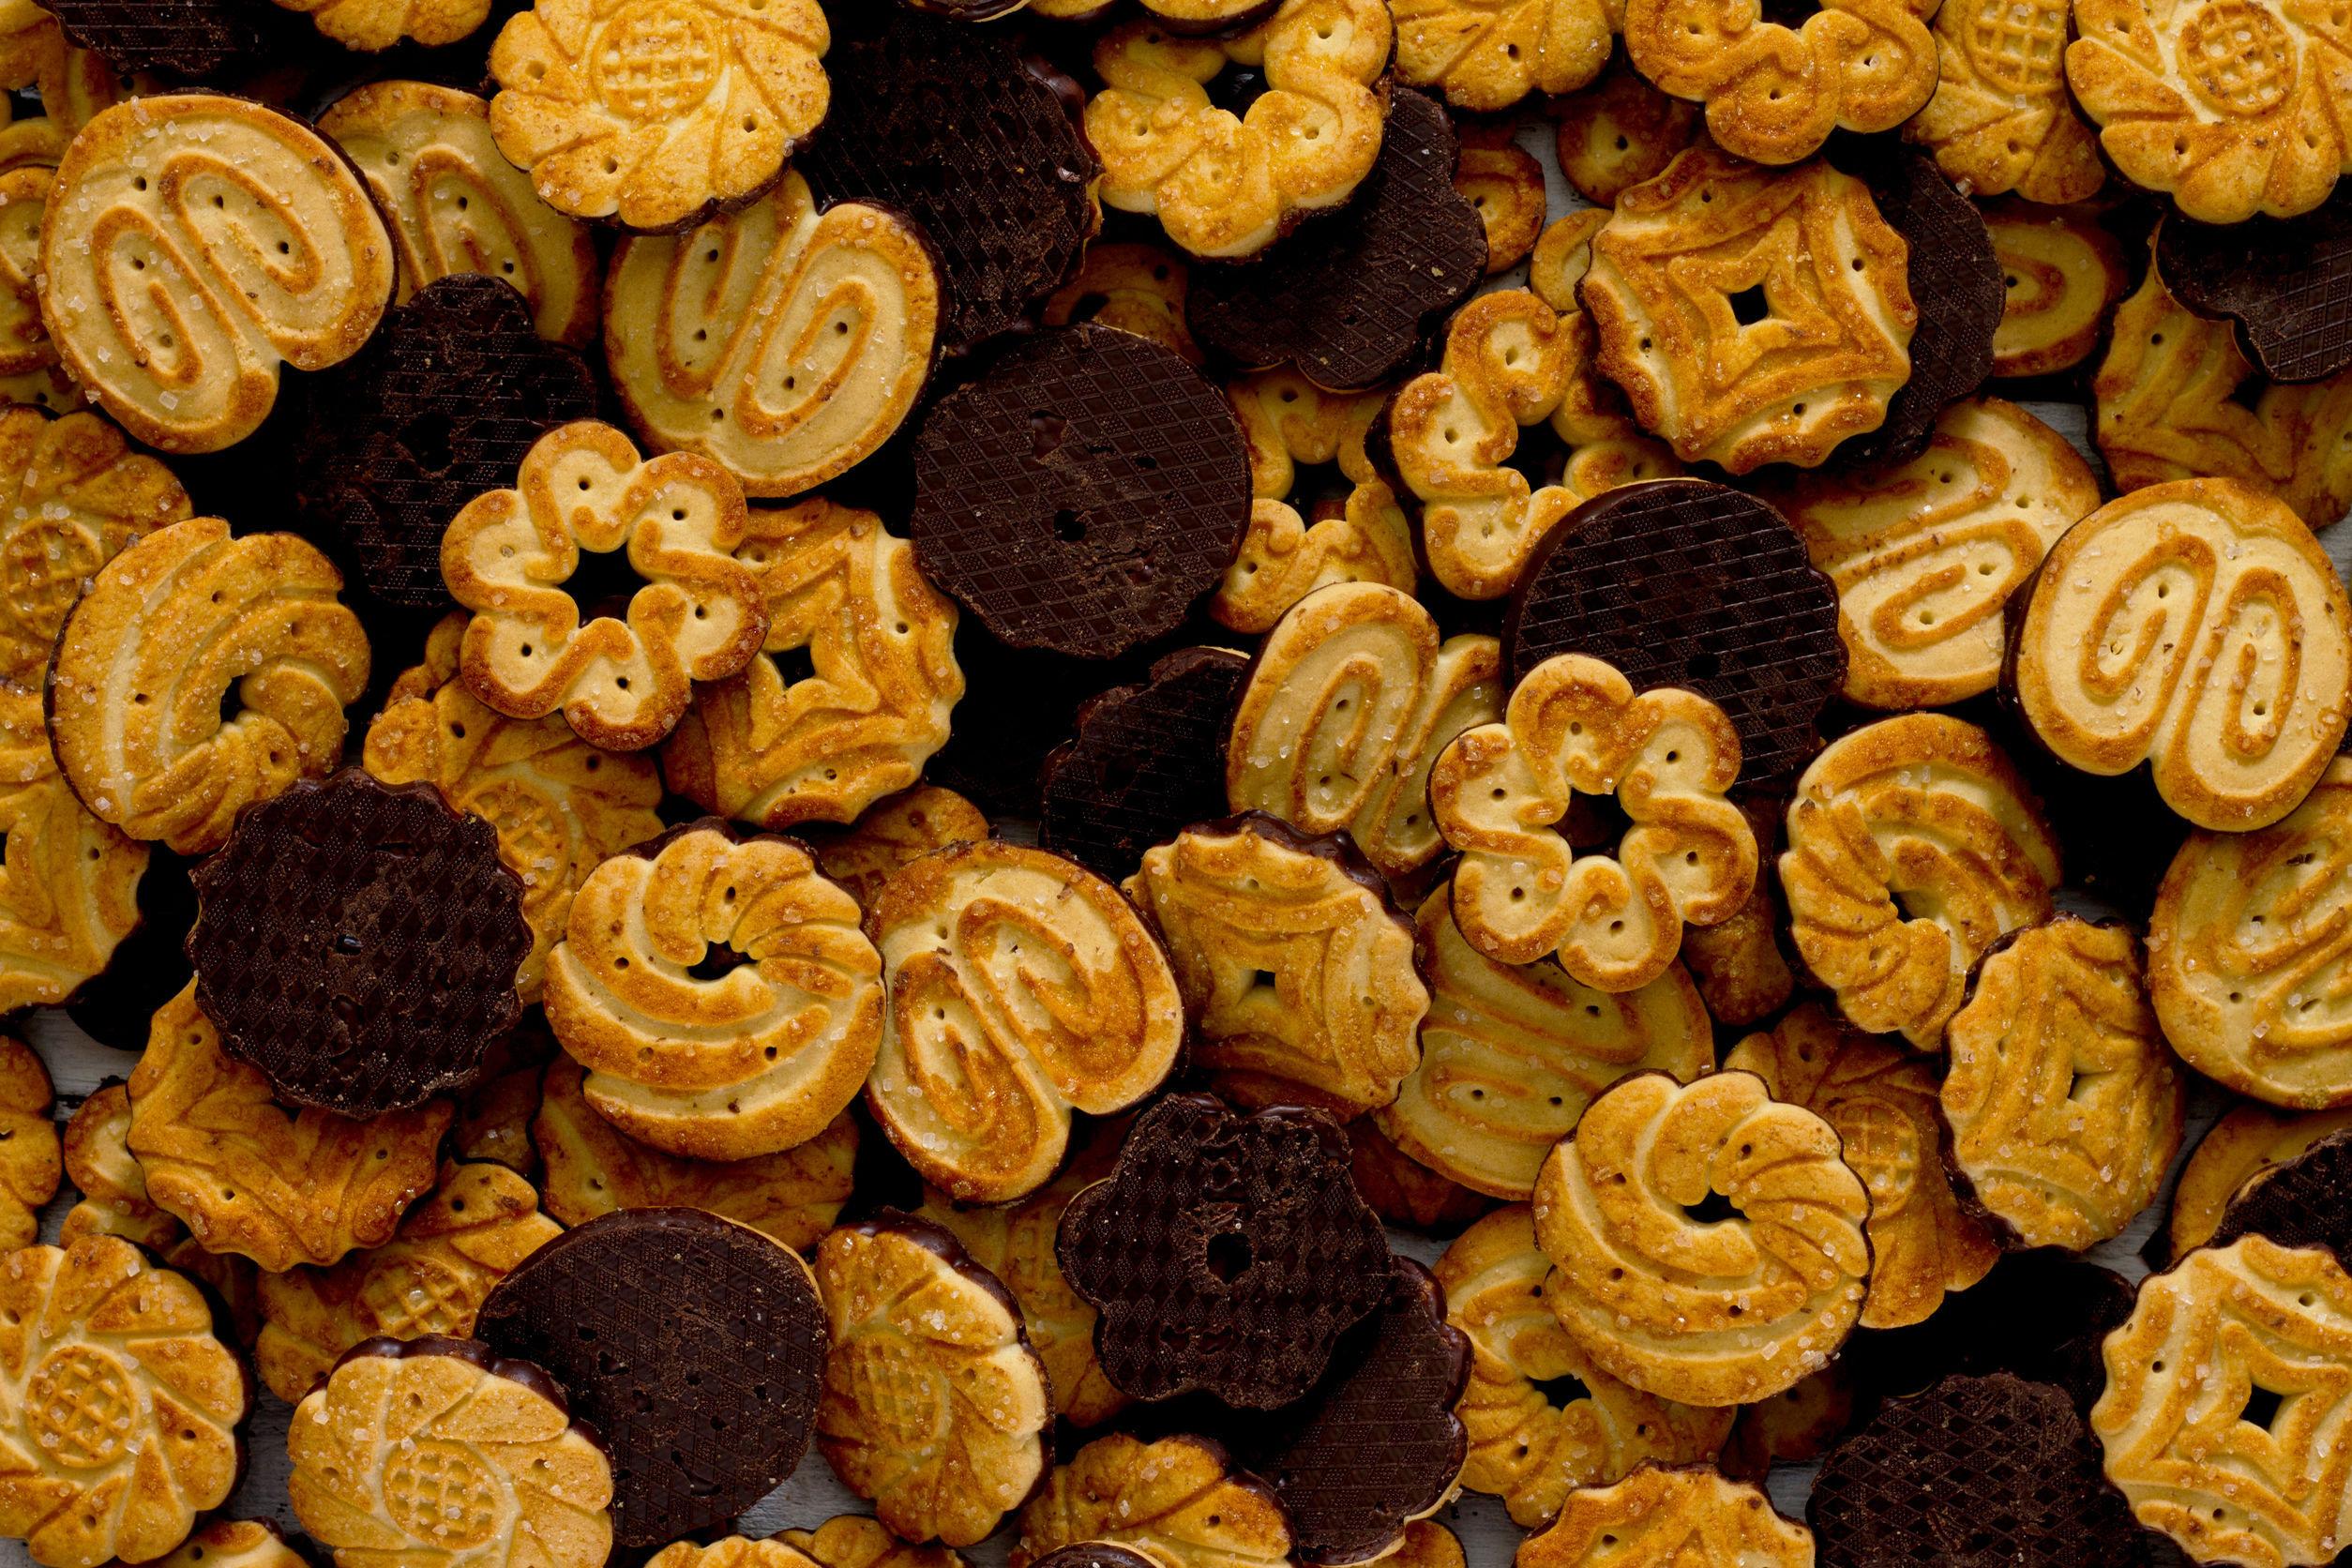 Românii cheltuiesc 43 de milioane de euro pe cadouri dulci în decembrie. Care sunt cele mai căutate arome şi produse